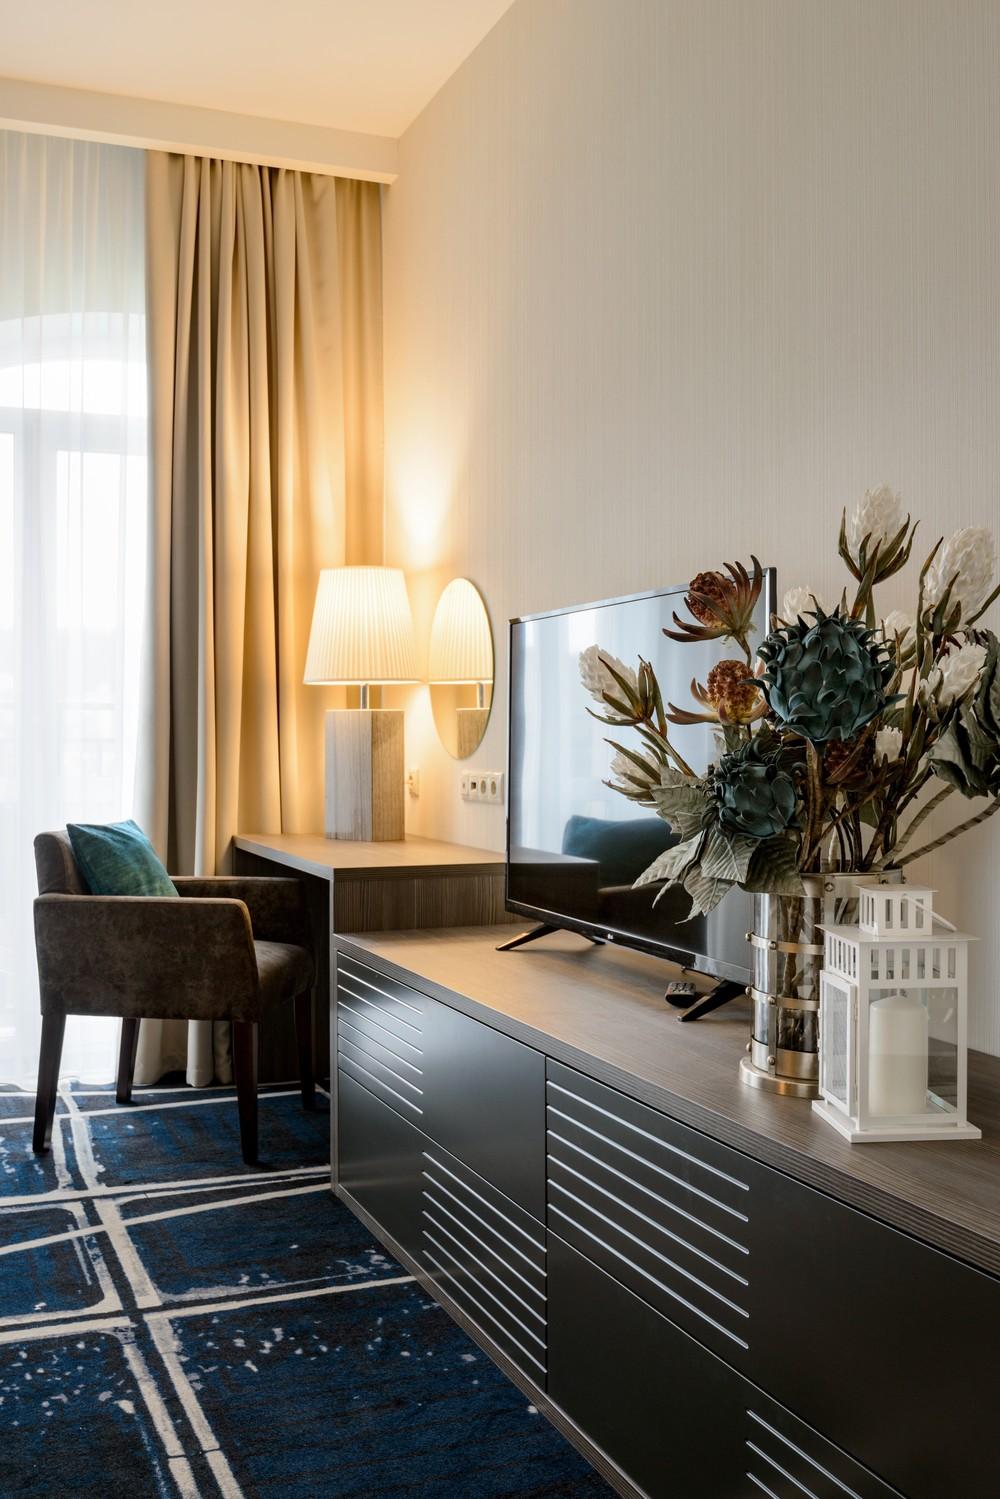 Мария Шубина Вероника Добрякова отель декор номер дизайн интерьера отеля апартаменты лаунж